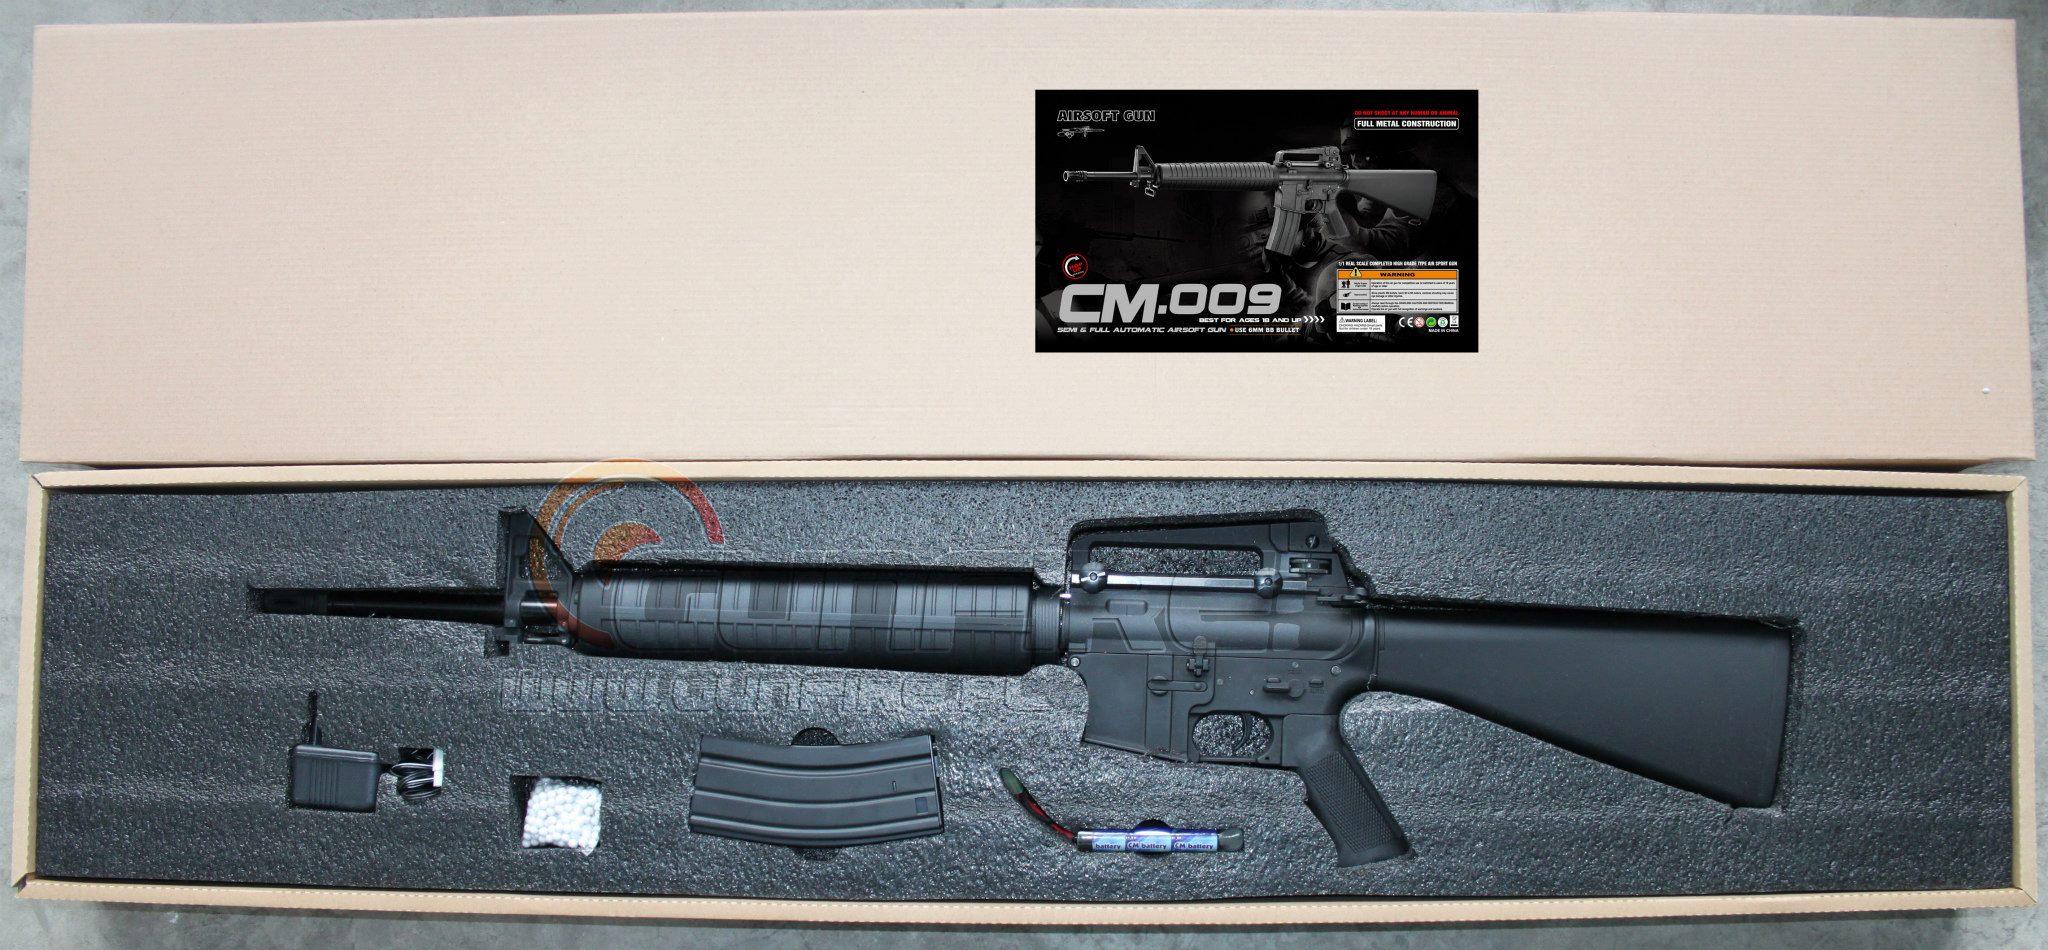 Cyma anuncia que fabricará M4 - M16 CM-009